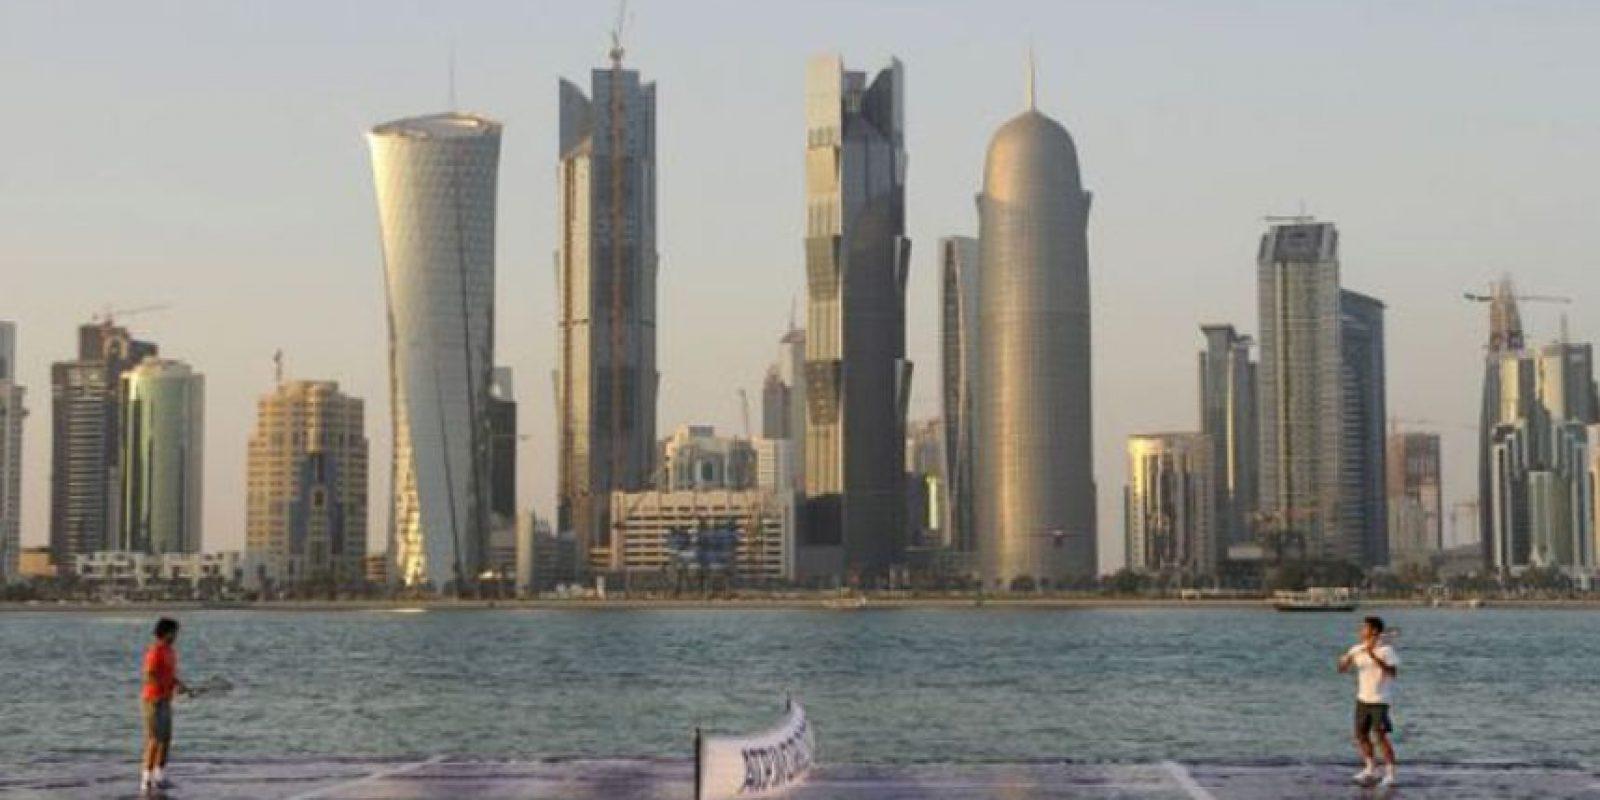 Tennis, Agua, Qatar